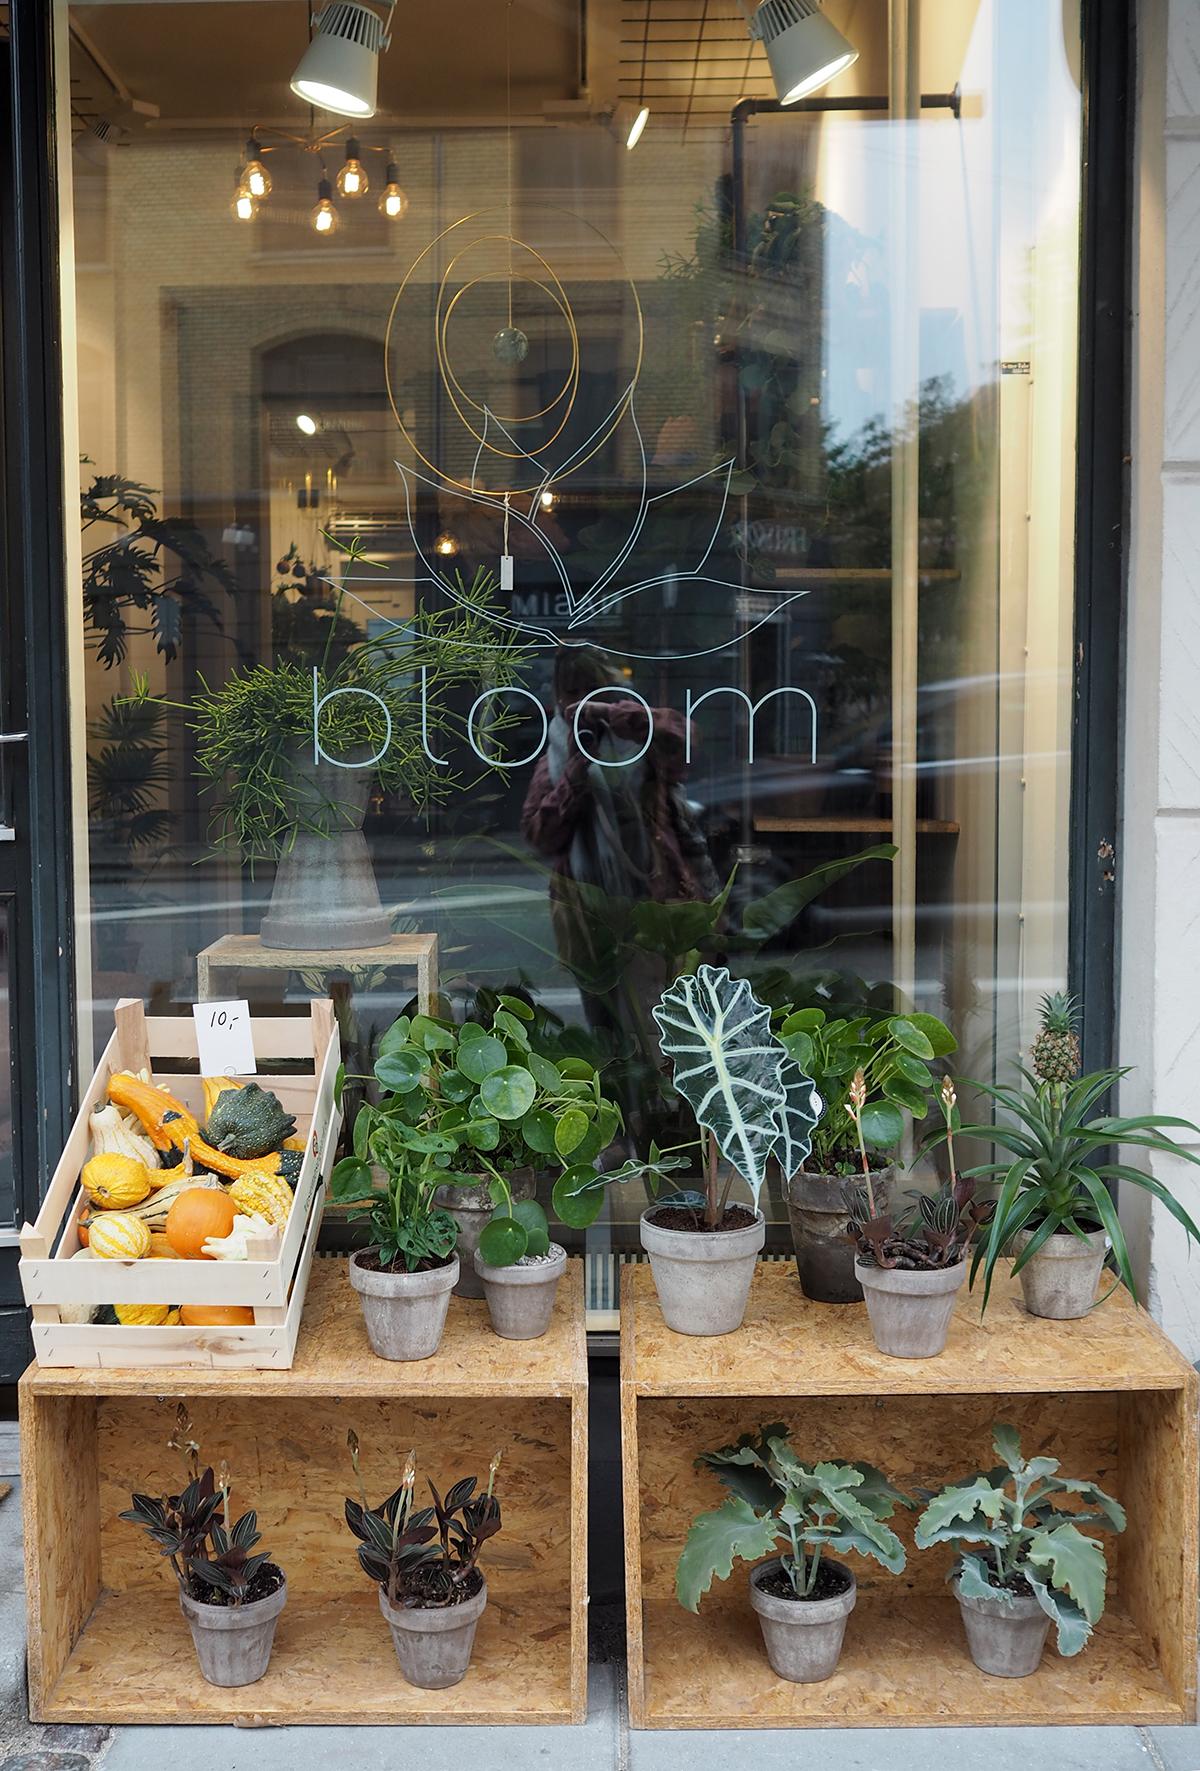 Bloom Copenhagen